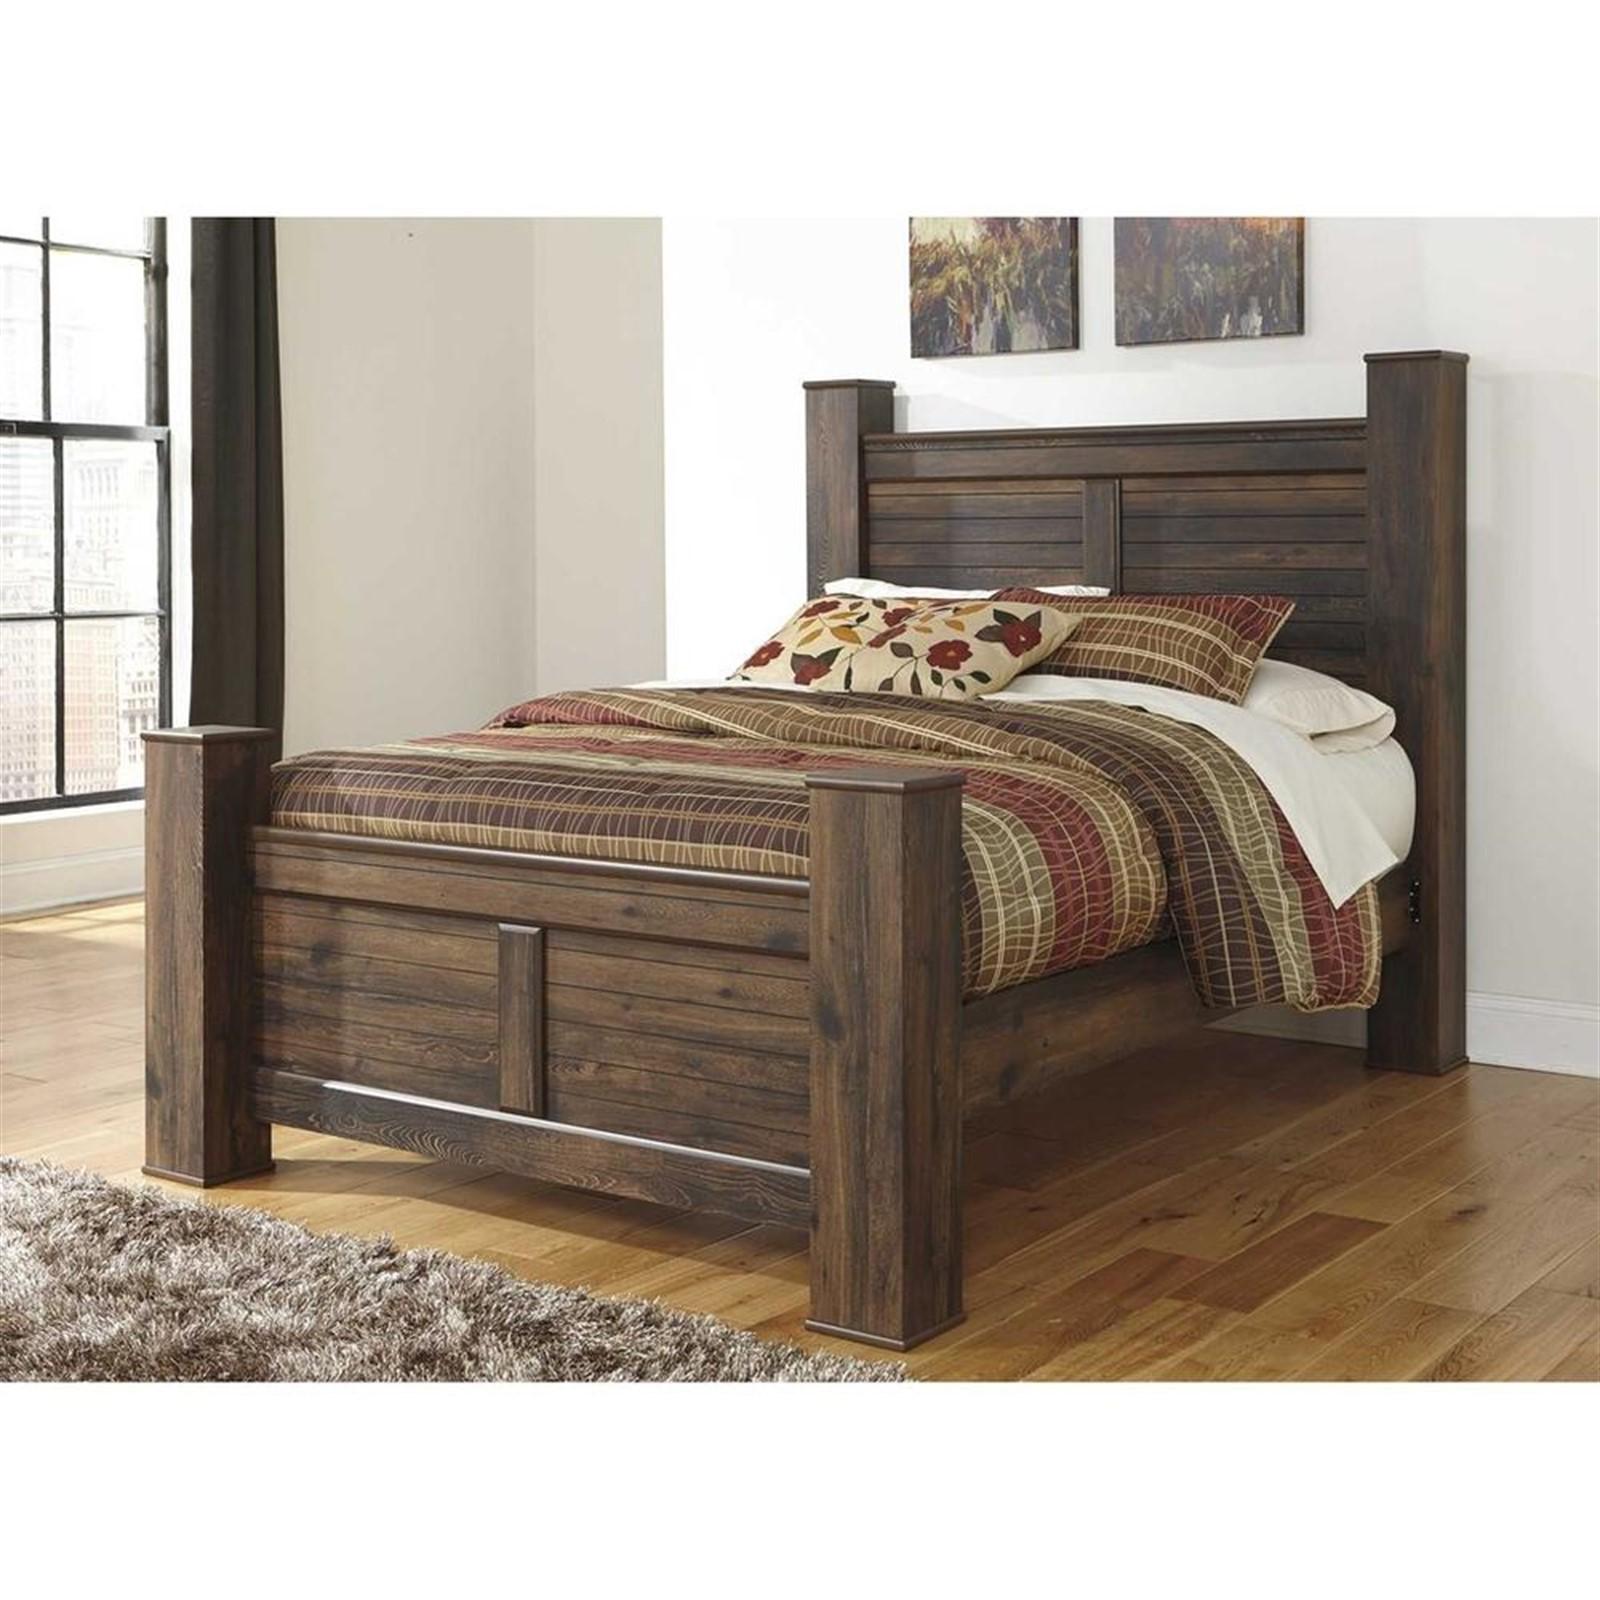 Quinden Dark Brown Queen Bed with Posts